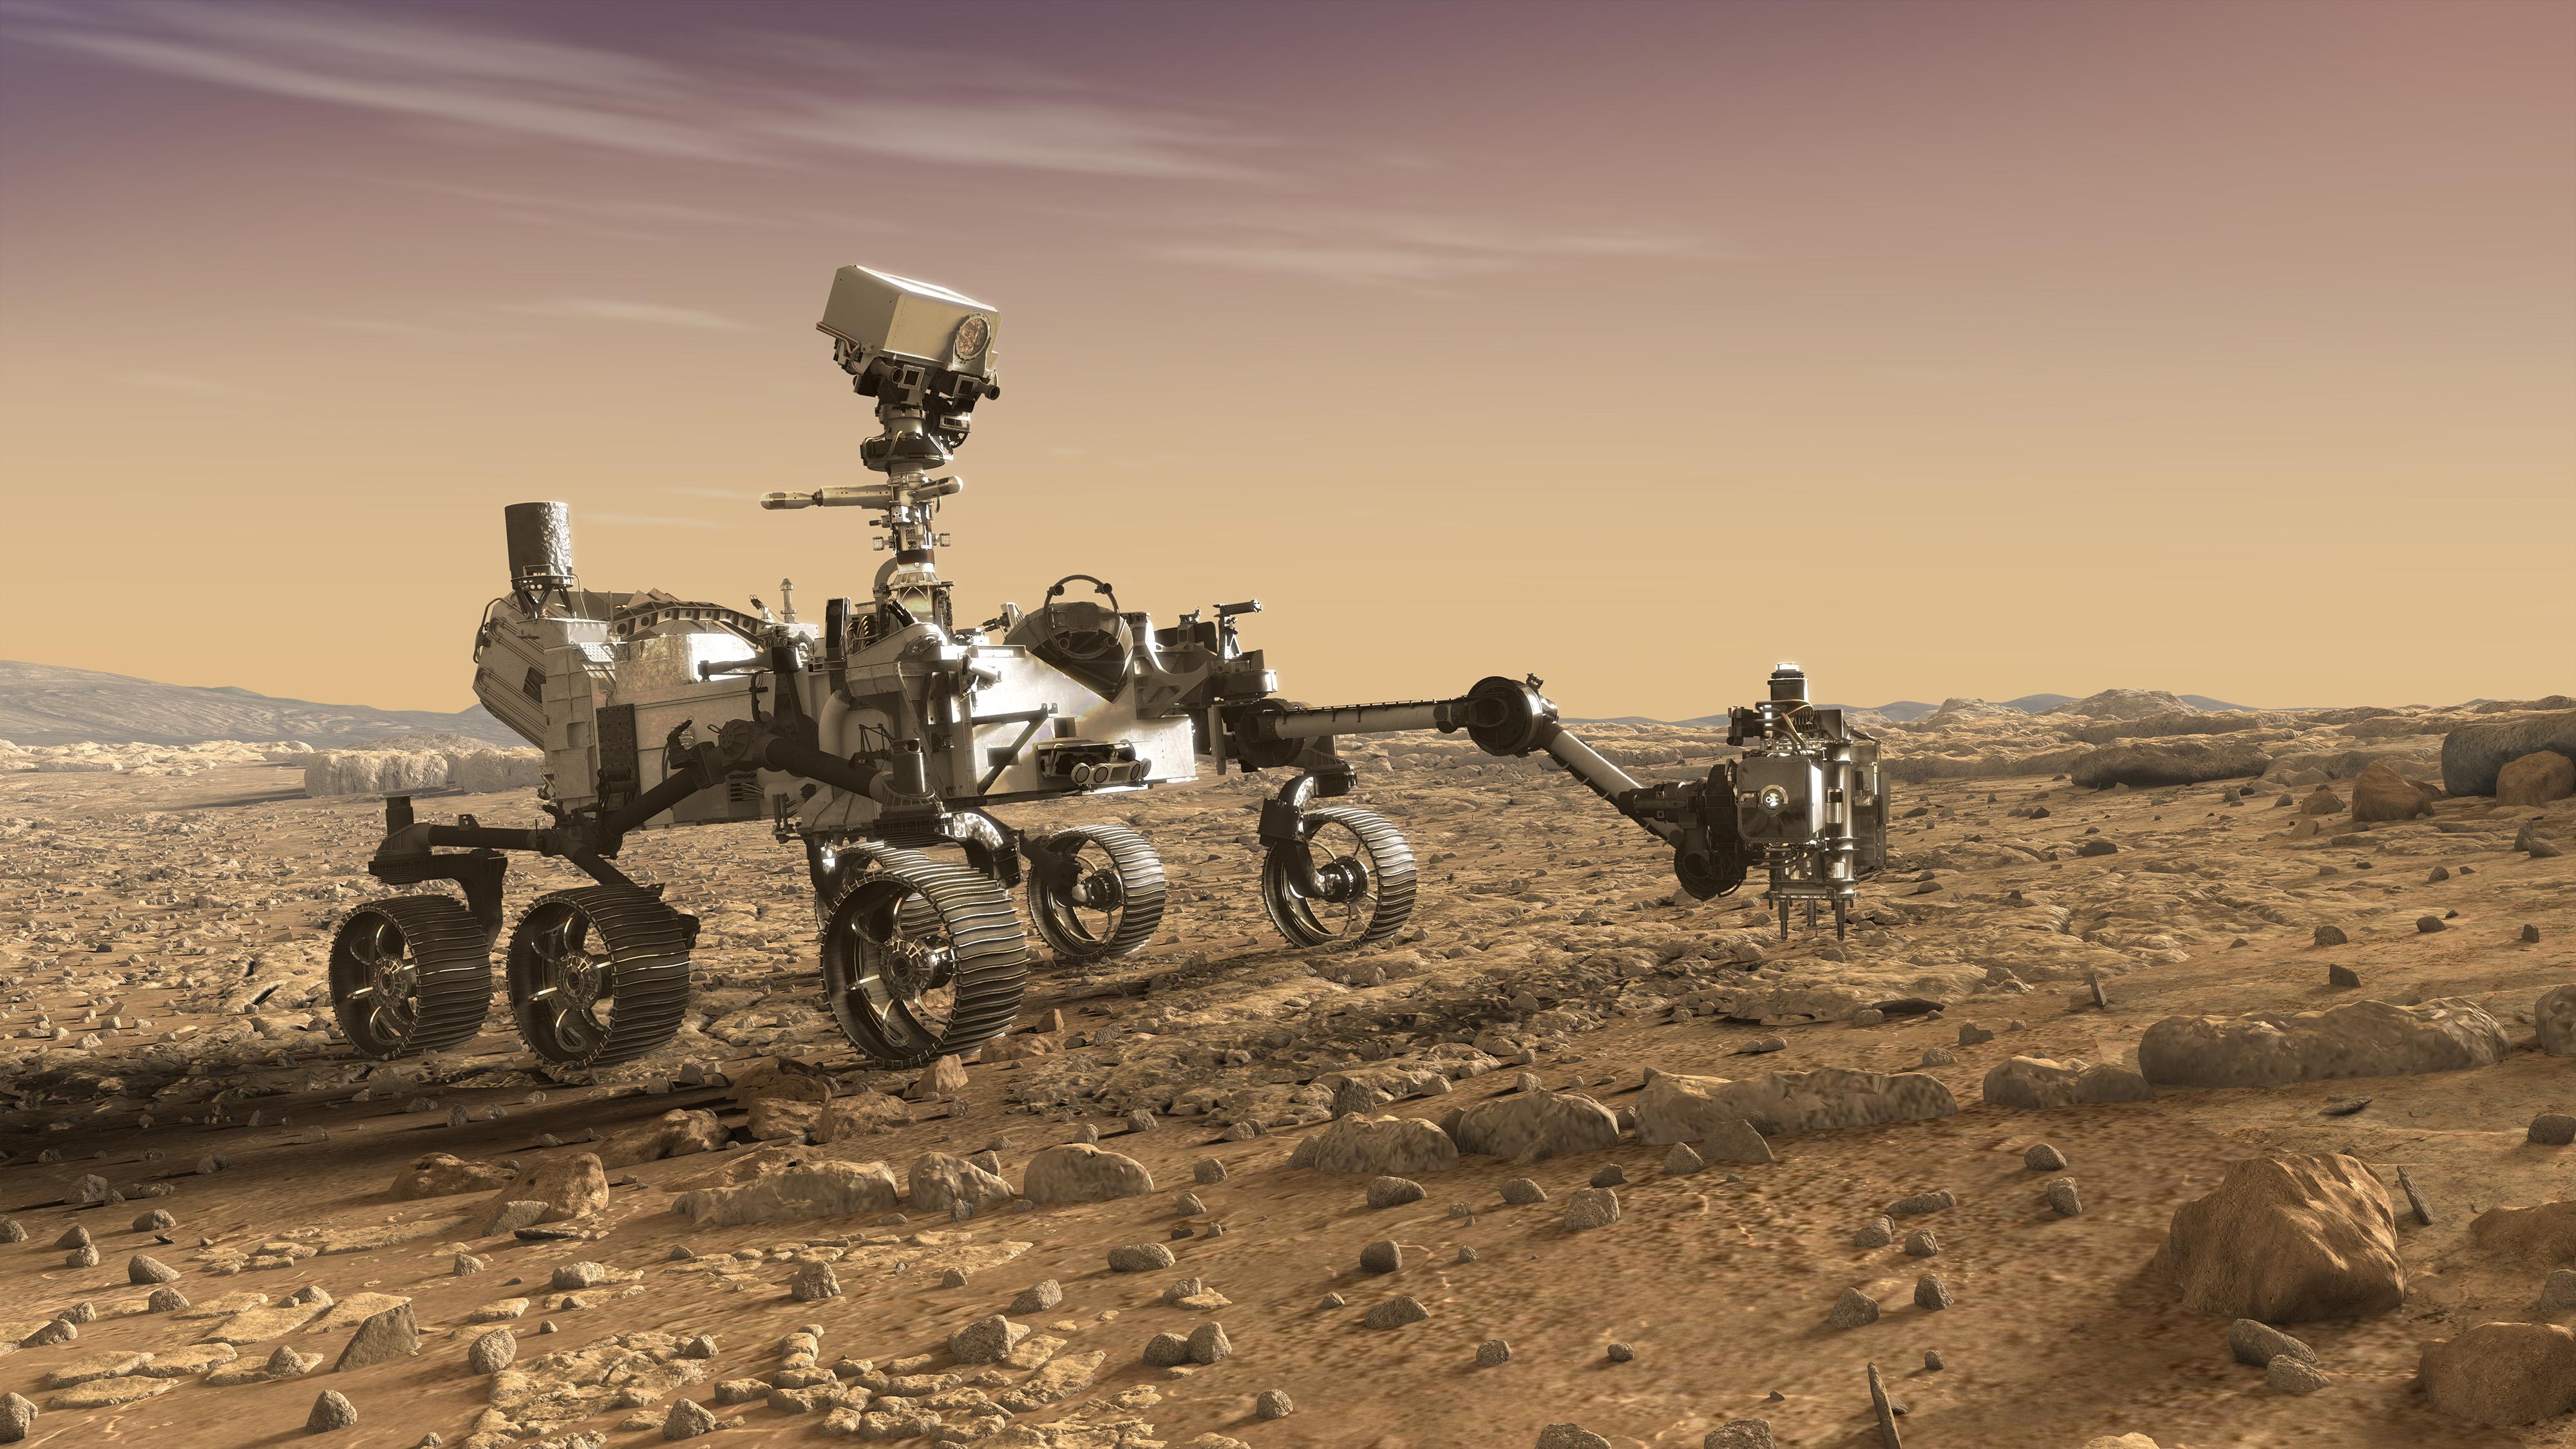 Справа наснимке видна роботизированная рука марсохода, сильно отличающая его отпредшественникоd